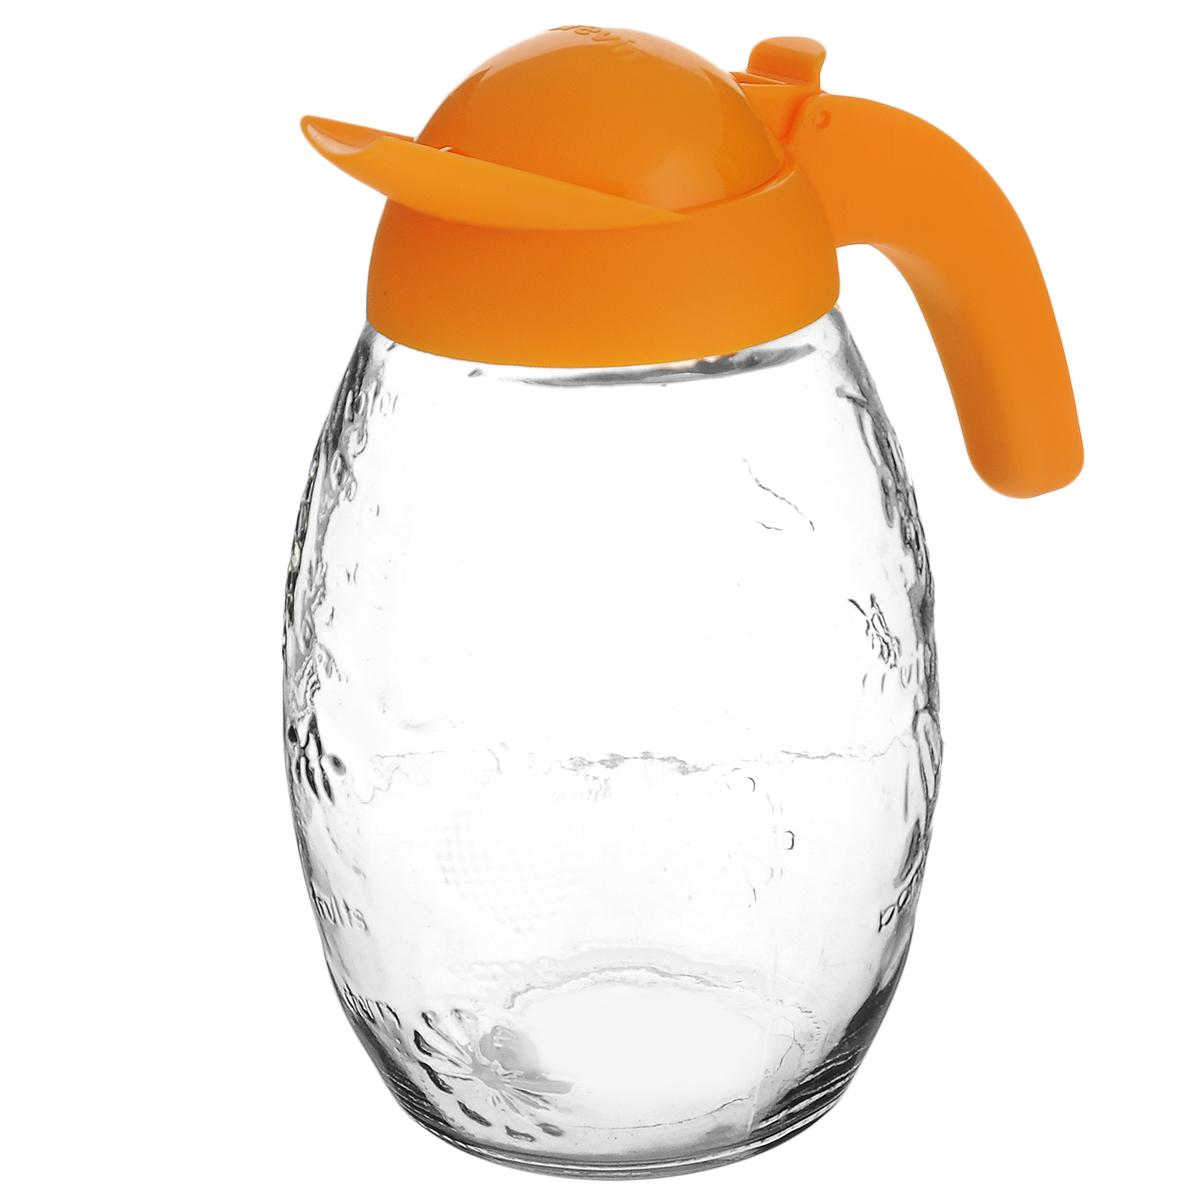 Кувшин Herevin, цвет: оранжевый, 1,6 л. 111351-000111351-000_оранжевыйКувшин Herevin, выполненный из высококачественного прочного стекла, элегантно украсит ваш стол. Кувшин оснащен удобной ручкой и откидной пластиковой крышкой. Кувшин прост в использовании, достаточно просто наклонить его и налить ваш любимый напиток. Форма крышки обеспечивает наливание жидкости без расплескивания. Изделие прекрасно подойдет для подачи воды, сока, компота и других напитков. Кувшин Herevin дополнит интерьер вашей кухни и станет замечательным подарком к любому празднику.Диаметр (по верхнему краю): 6 см.Высота кувшина (без учета крышки): 18 см.